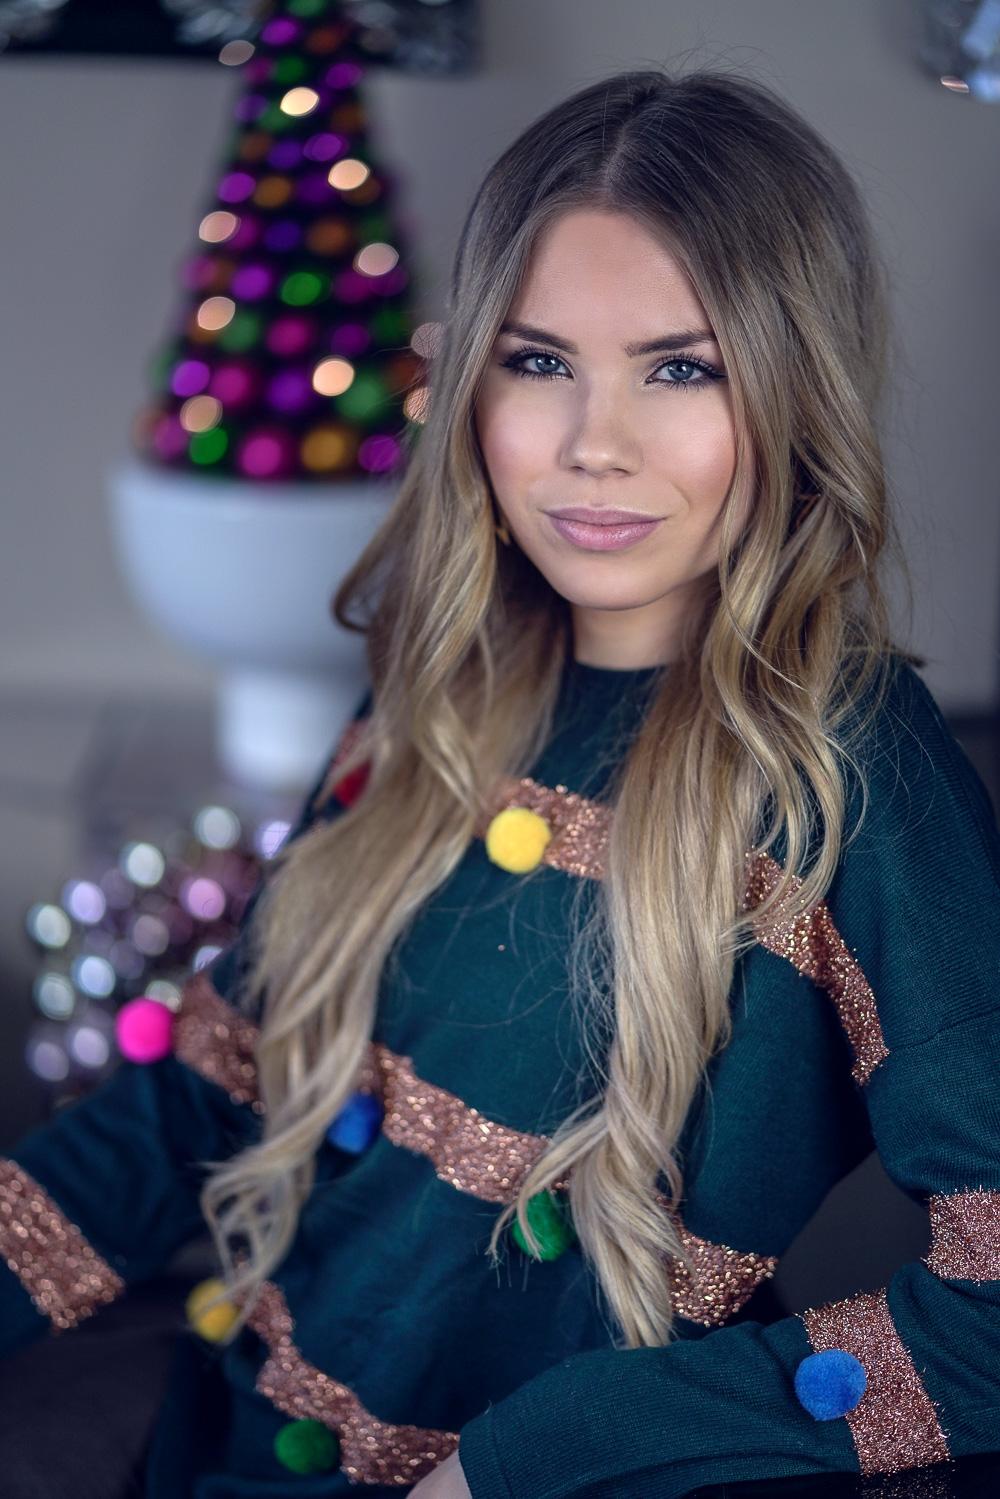 Weihnachtspulli-Portrait-Weihnachten-Ugly Christmas Sweater Trend-Pullover